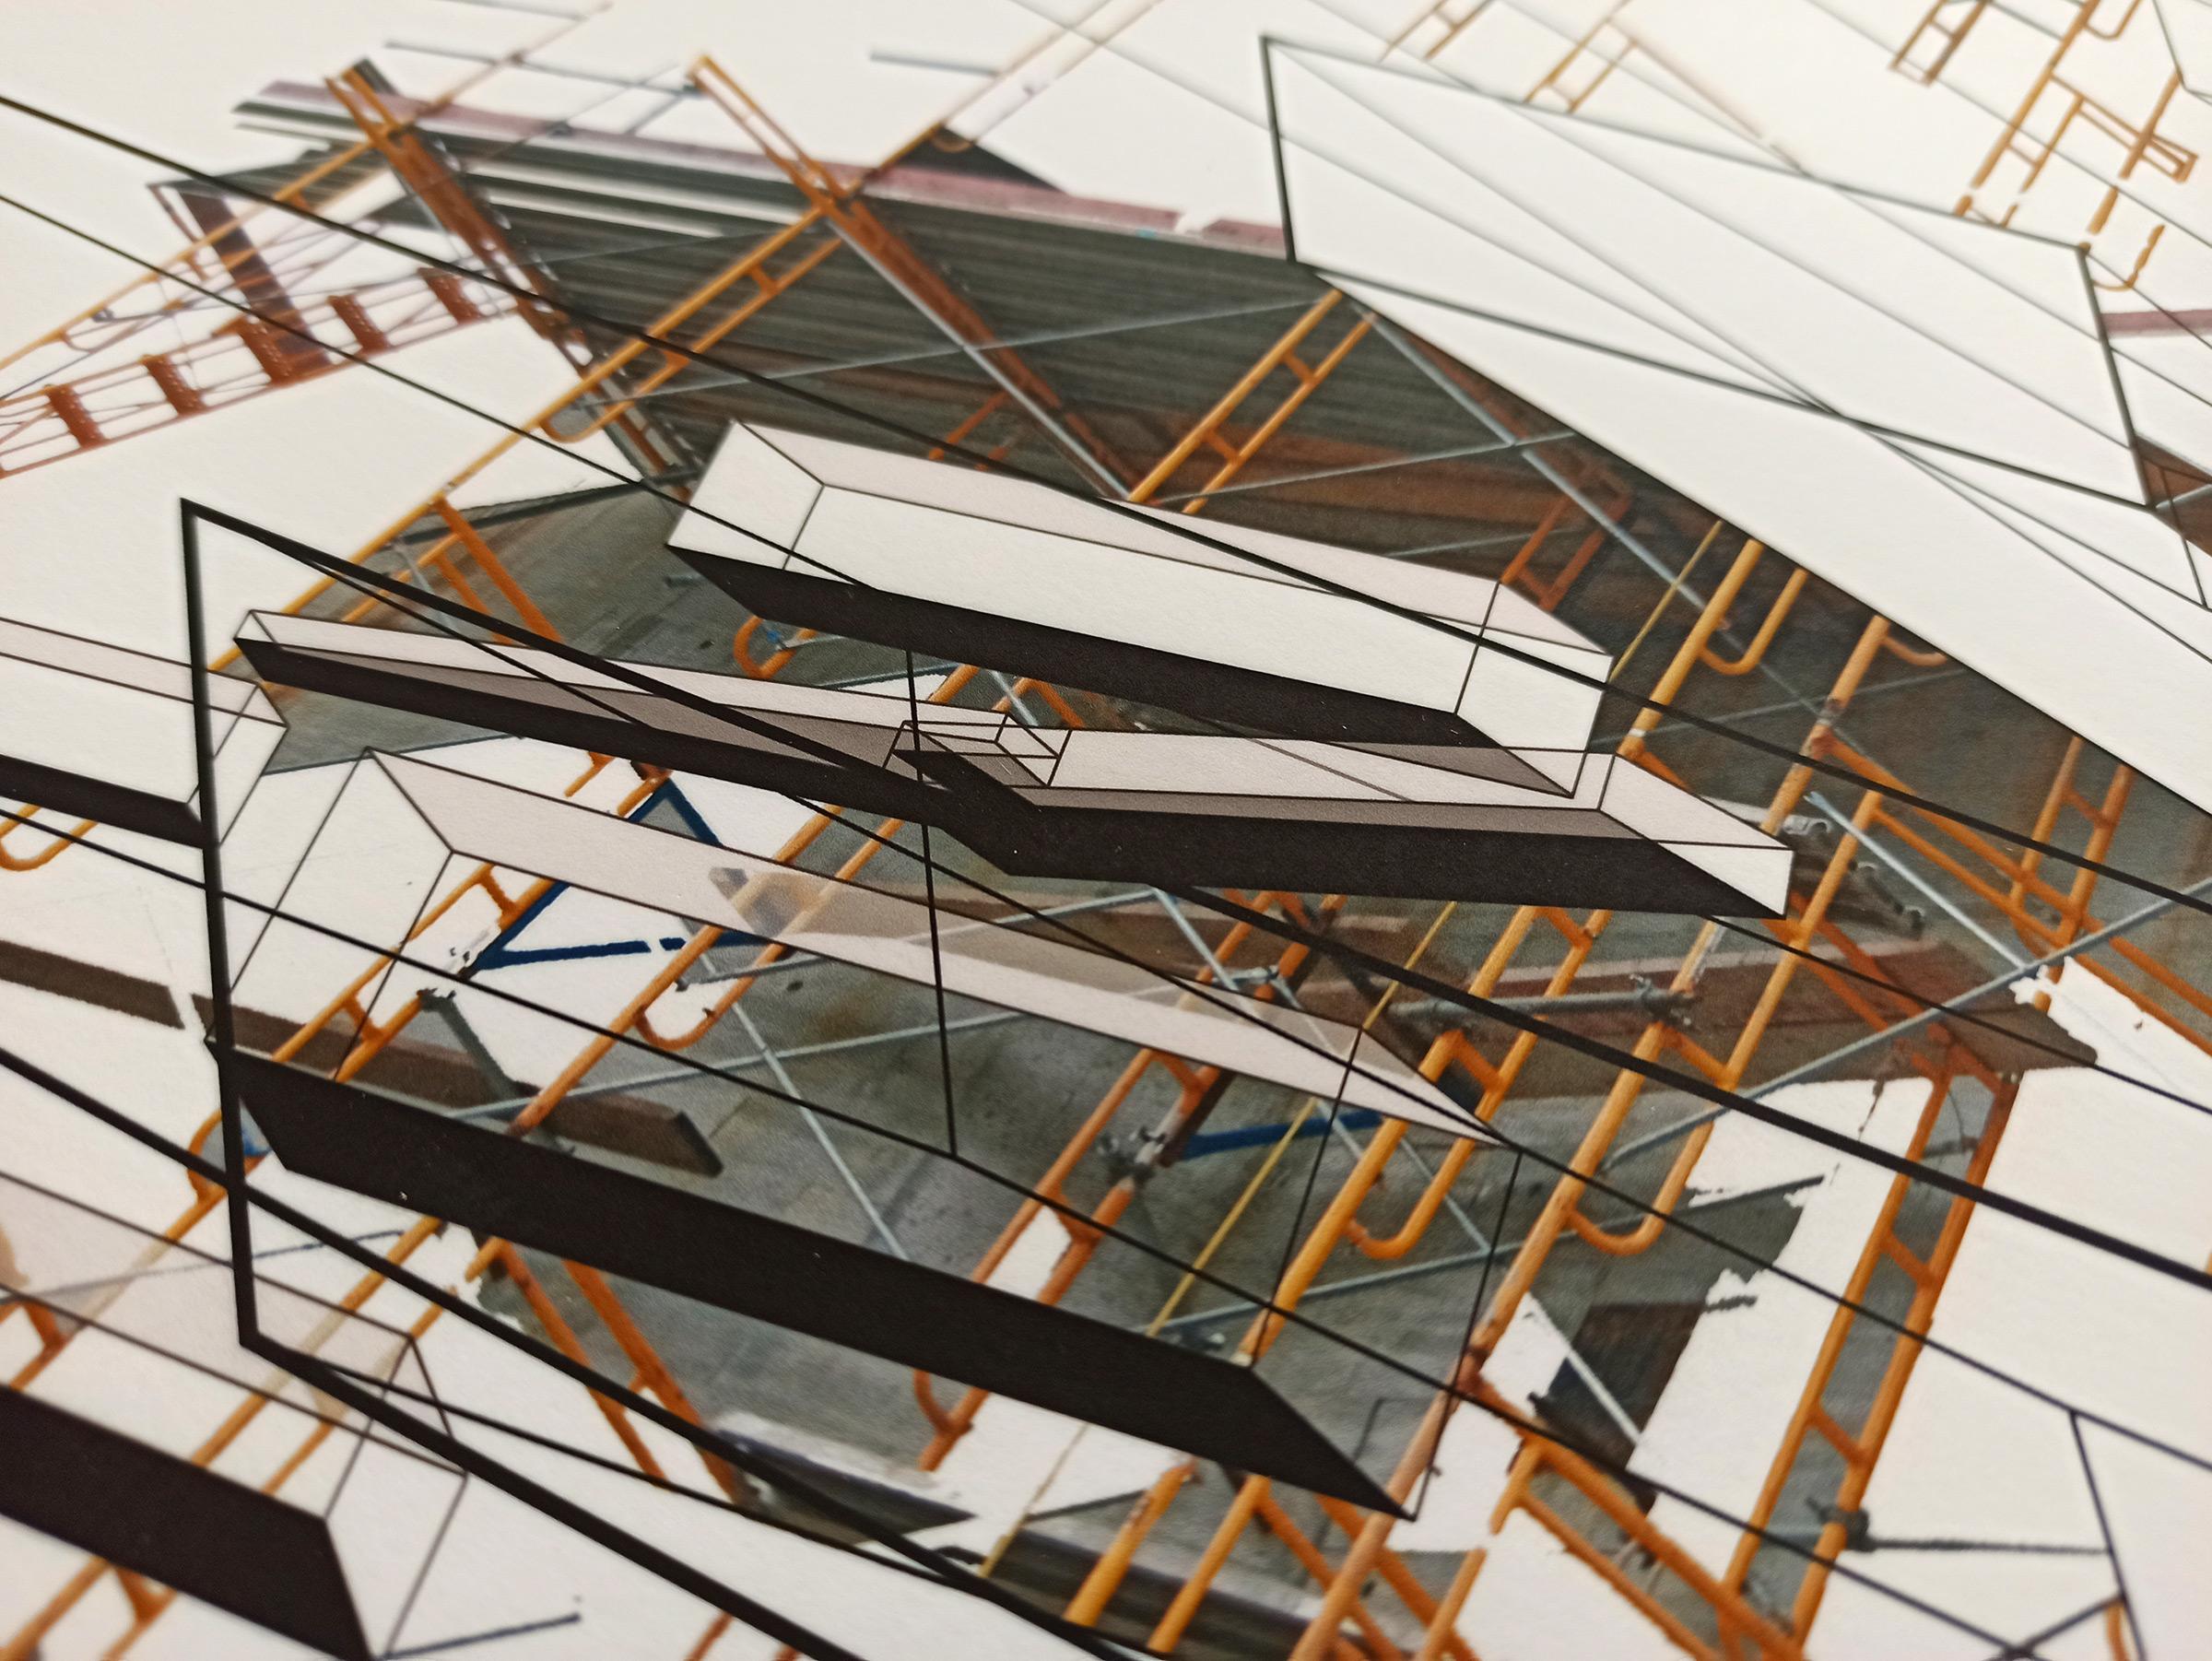 plakater-posters-kunsttryk, fotografier, new-media, abstrakte, geometriske, grafiske, minimalistiske, still-life, arkitektur, mønstre, teknologi, transportmidler, sorte, grå, hvide, blæk, papir, abstrakte-former, arkitektoniske, lyse, samtidskunst, københavn, terninger, dansk, dekorative, design, interiør, bolig-indretning, moderne, moderne-kunst, nordisk, Køb original kunst og kunstplakater. Malerier, tegninger, limited edition kunsttryk & plakater af dygtige kunstnere.